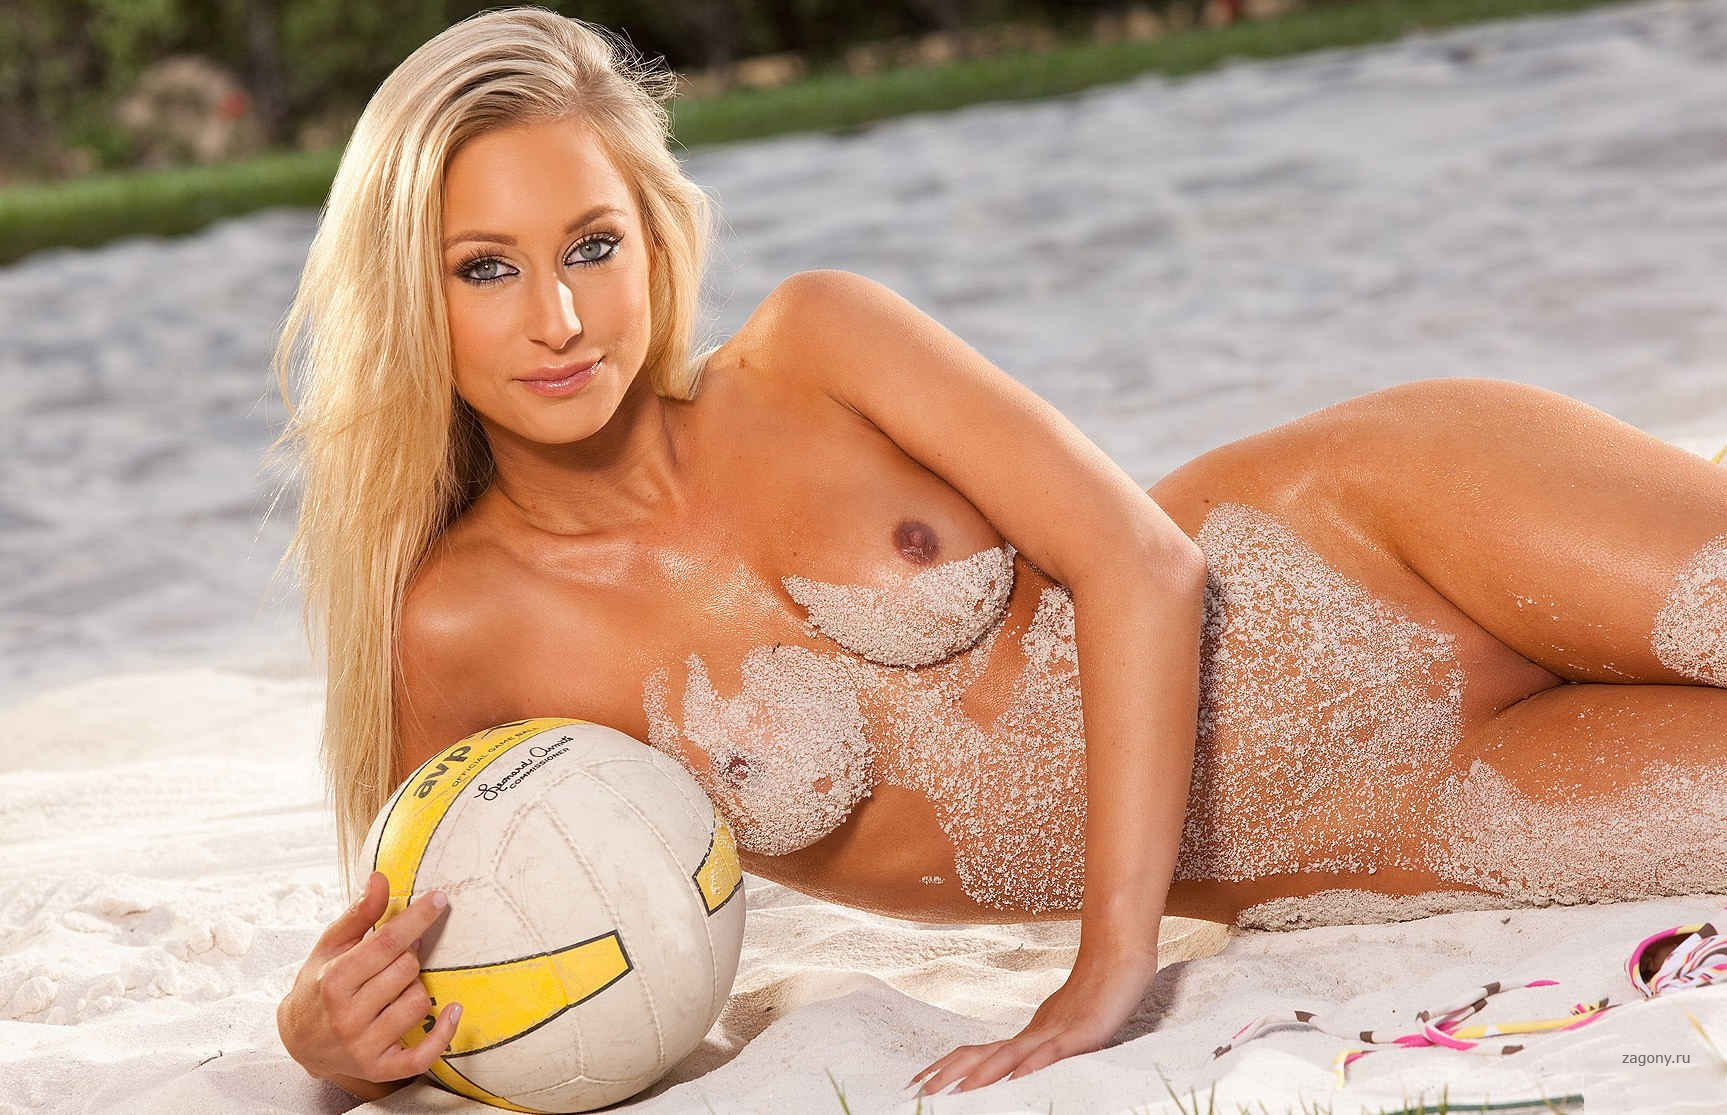 Фото девушки волейбол эротика